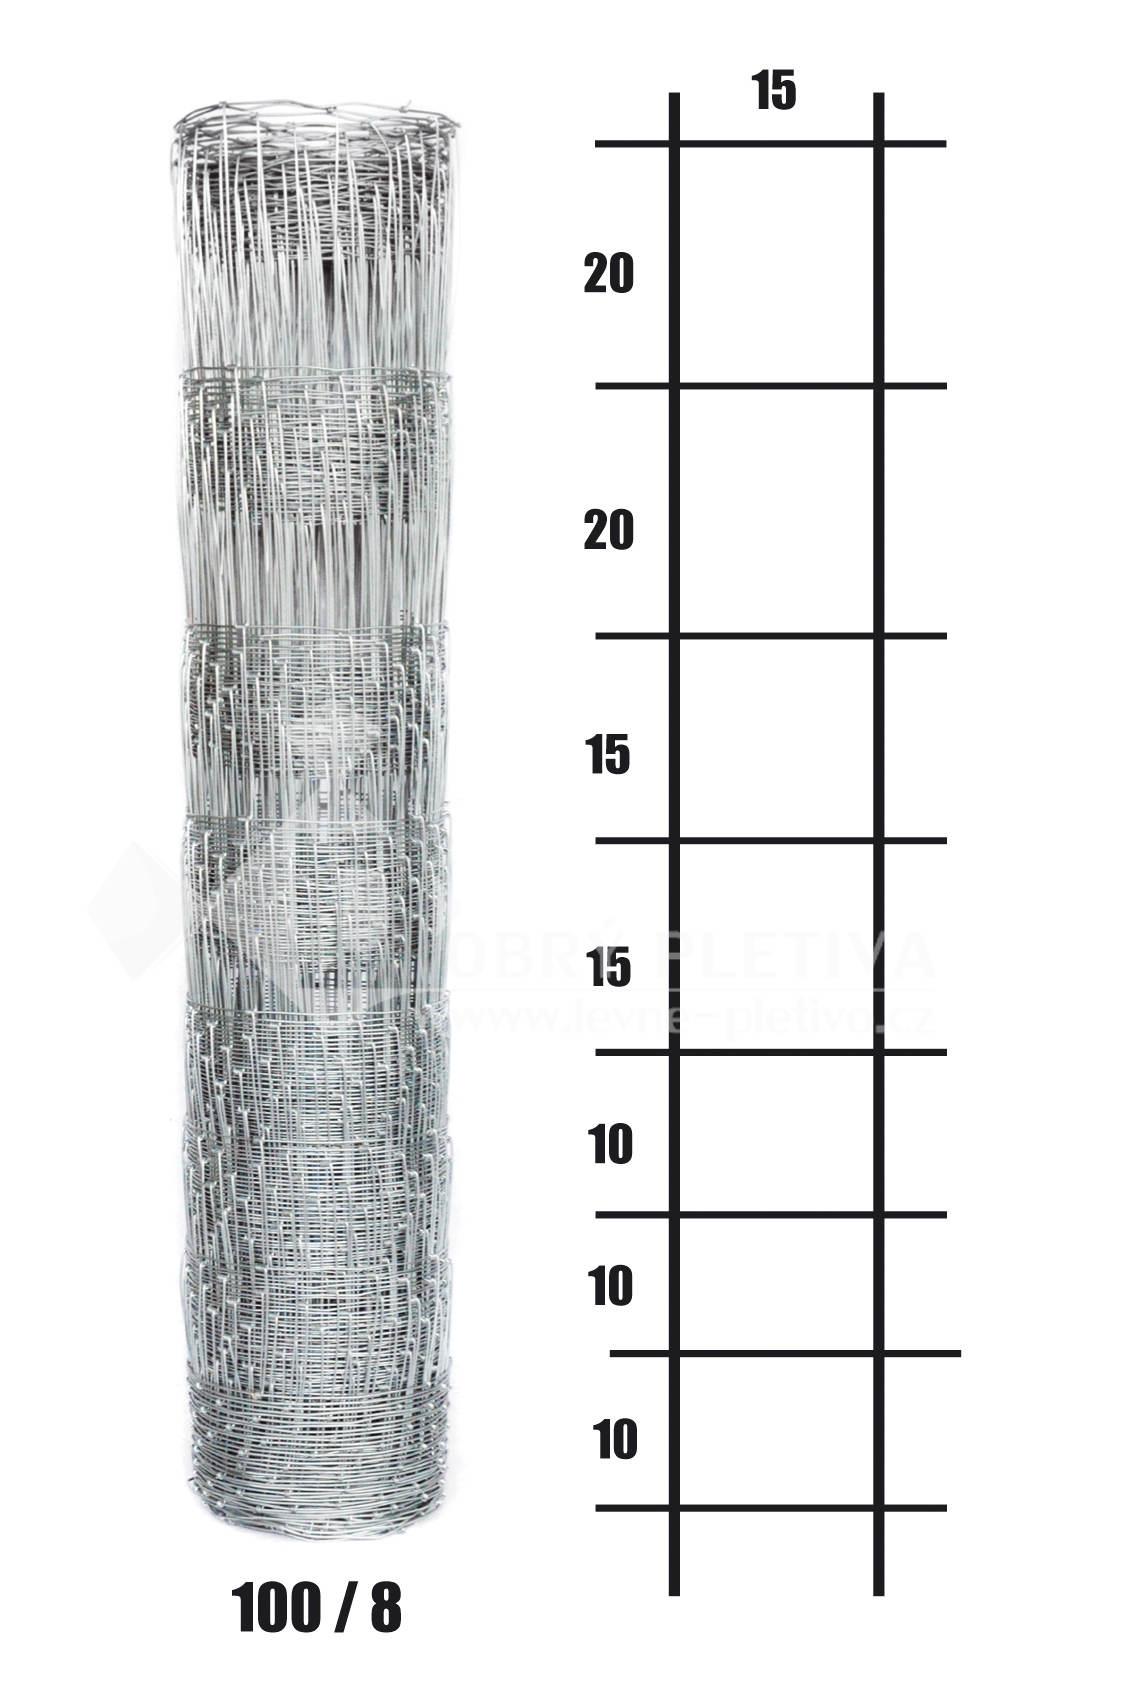 Uzlové lesnické pletivo výška 100 cm, 1,8/2,2 mm, 8 drátů